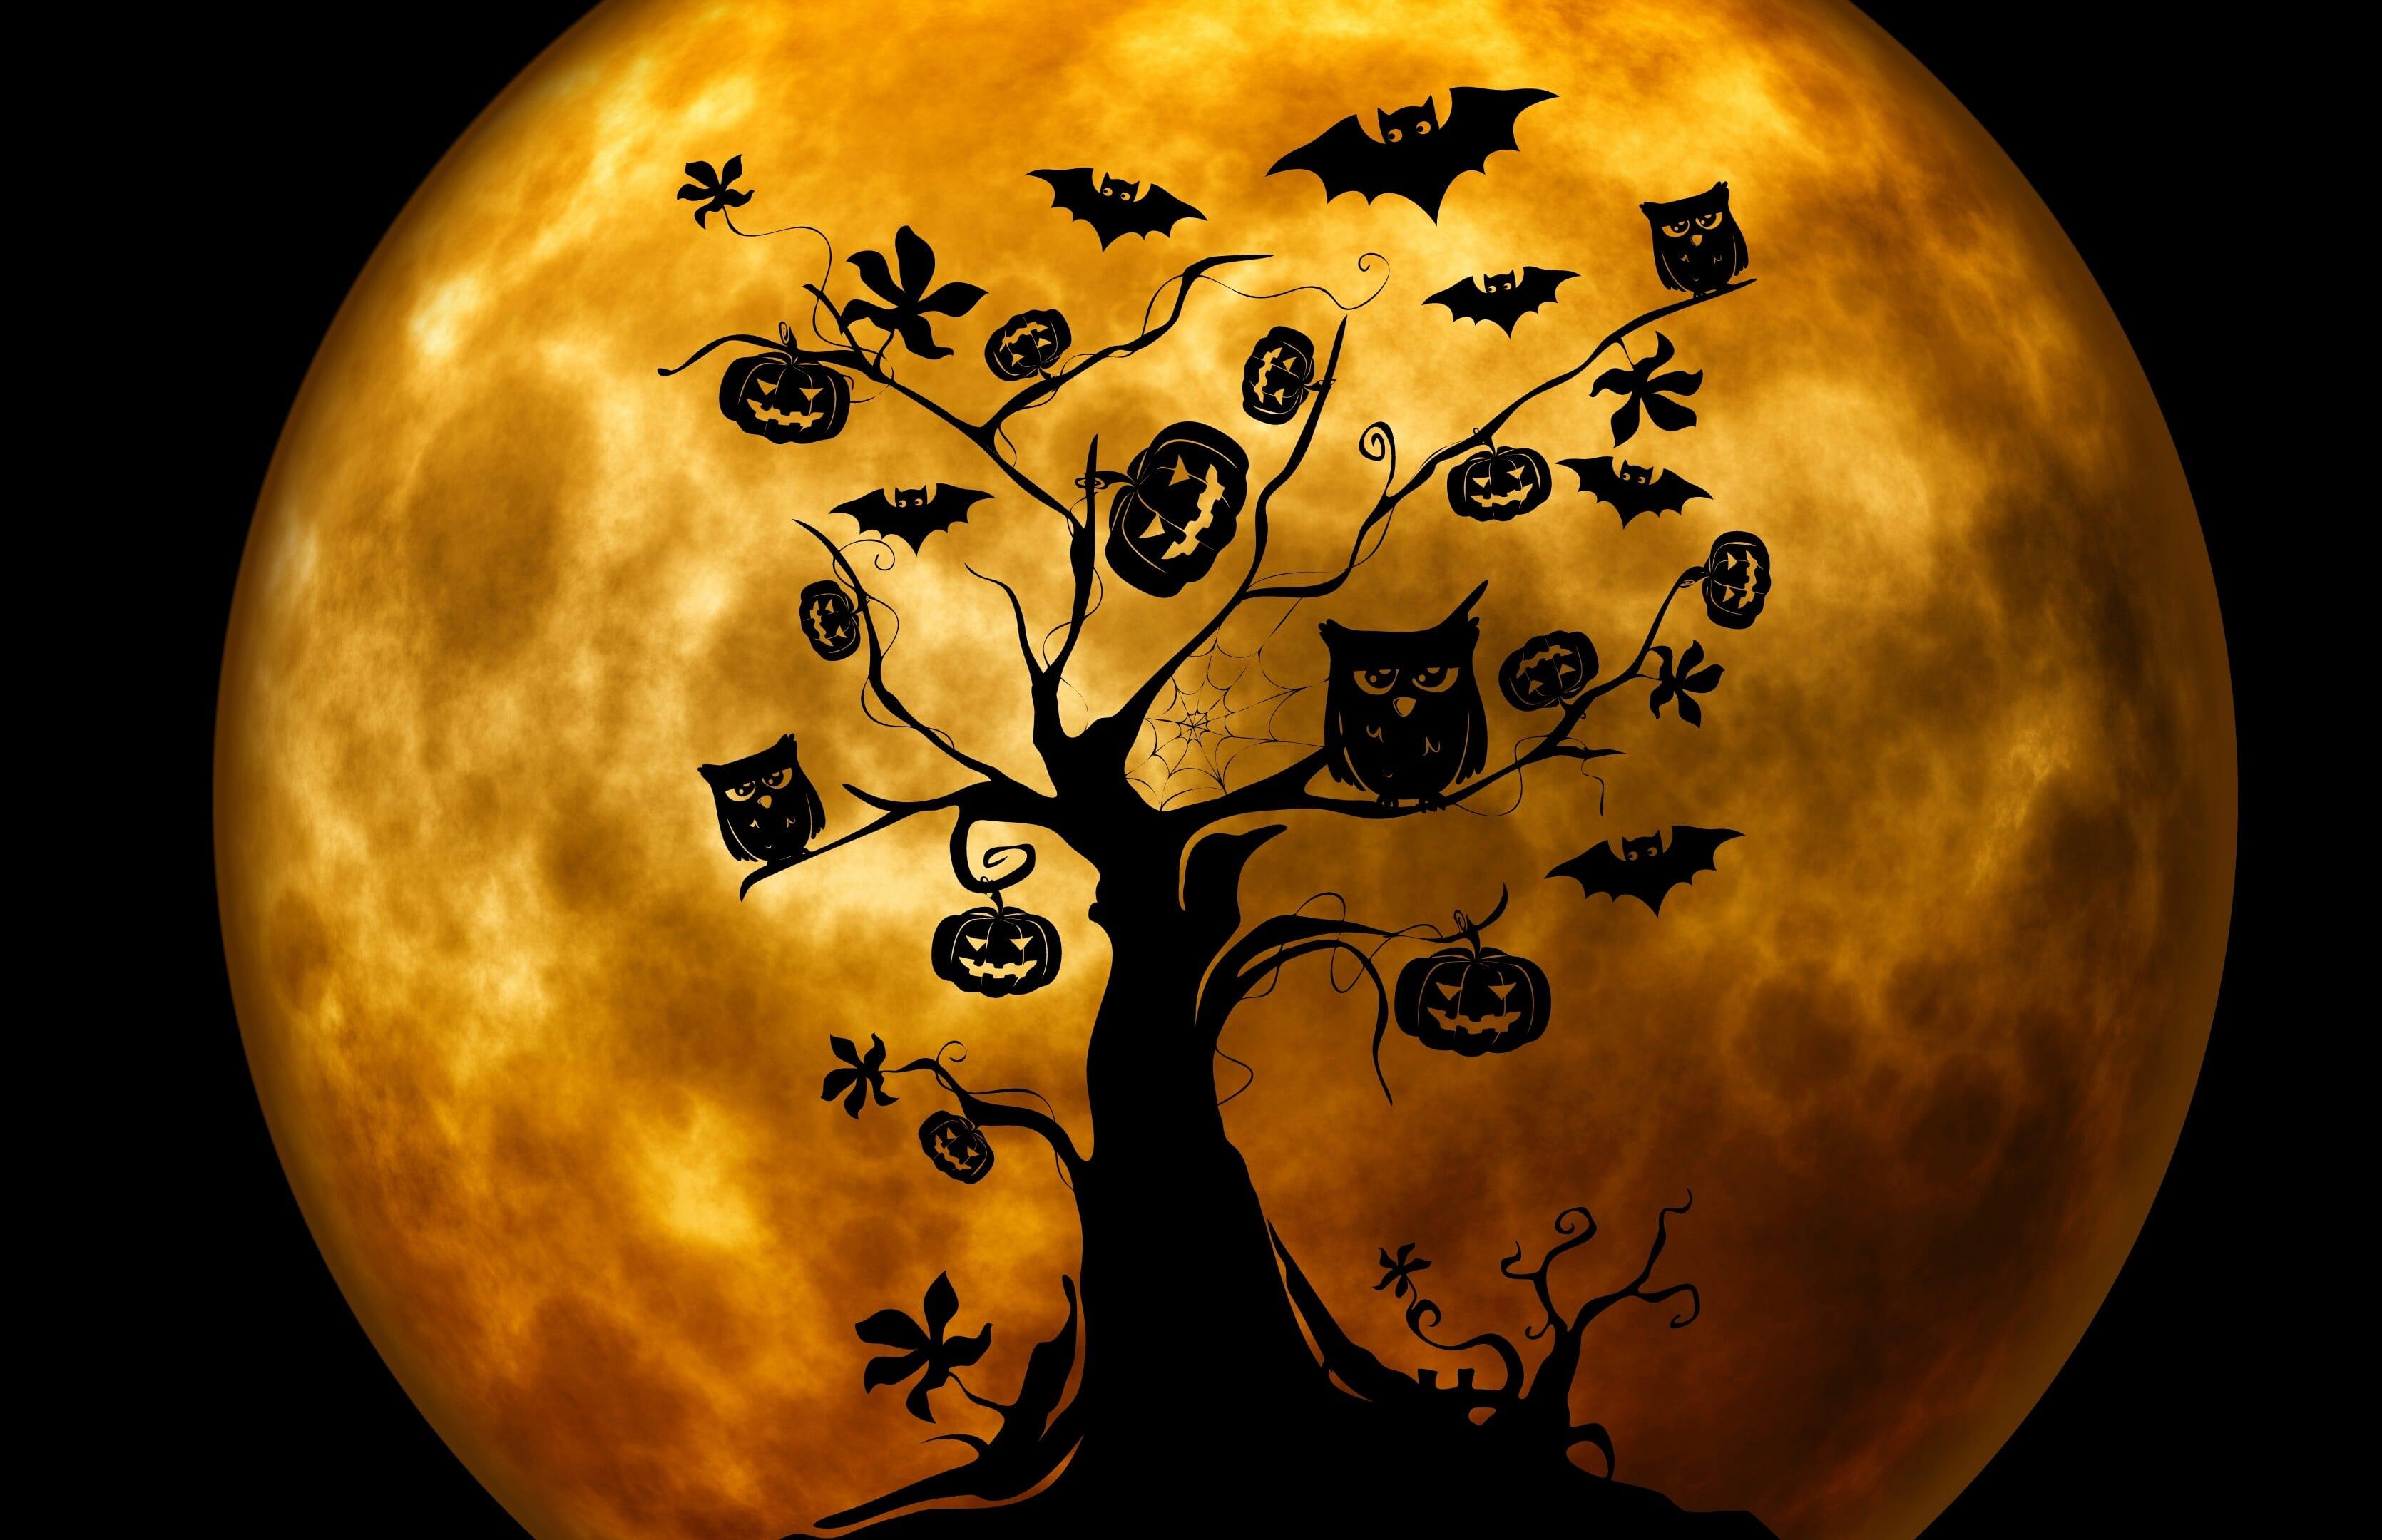 Imagenes Para La Pantalla: Descarga Los Mejores Fondos De Pantalla Para Halloween